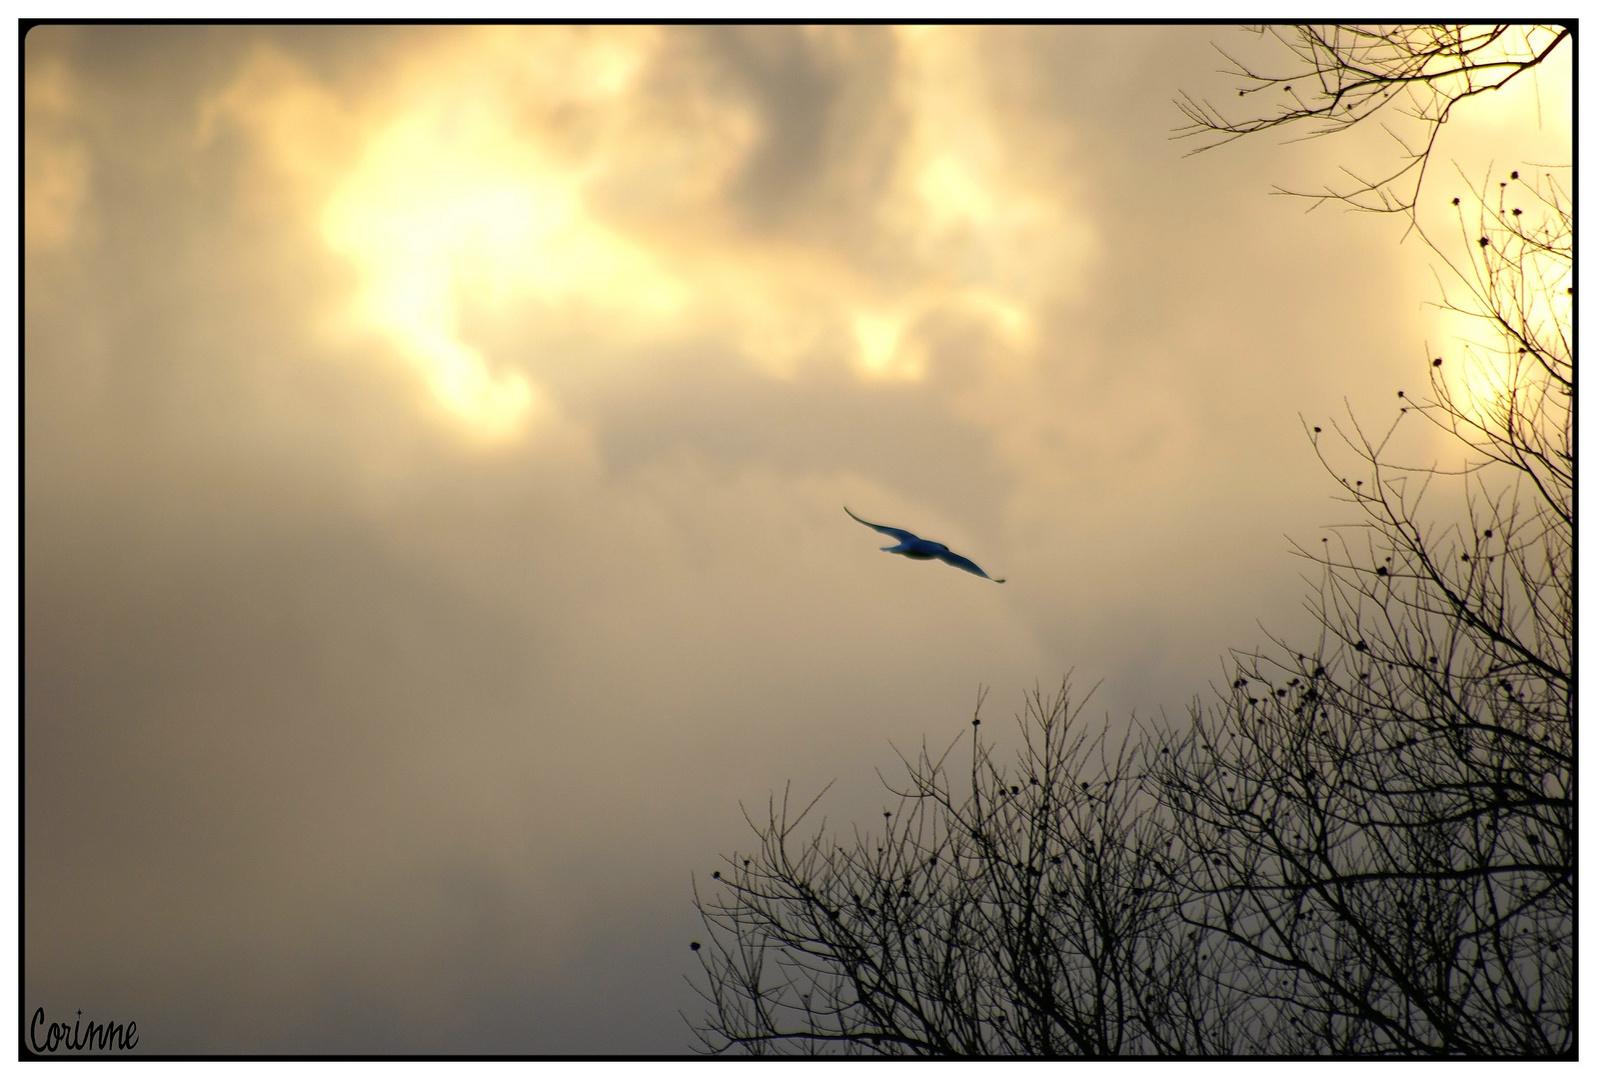 Libre comme l'oiseau